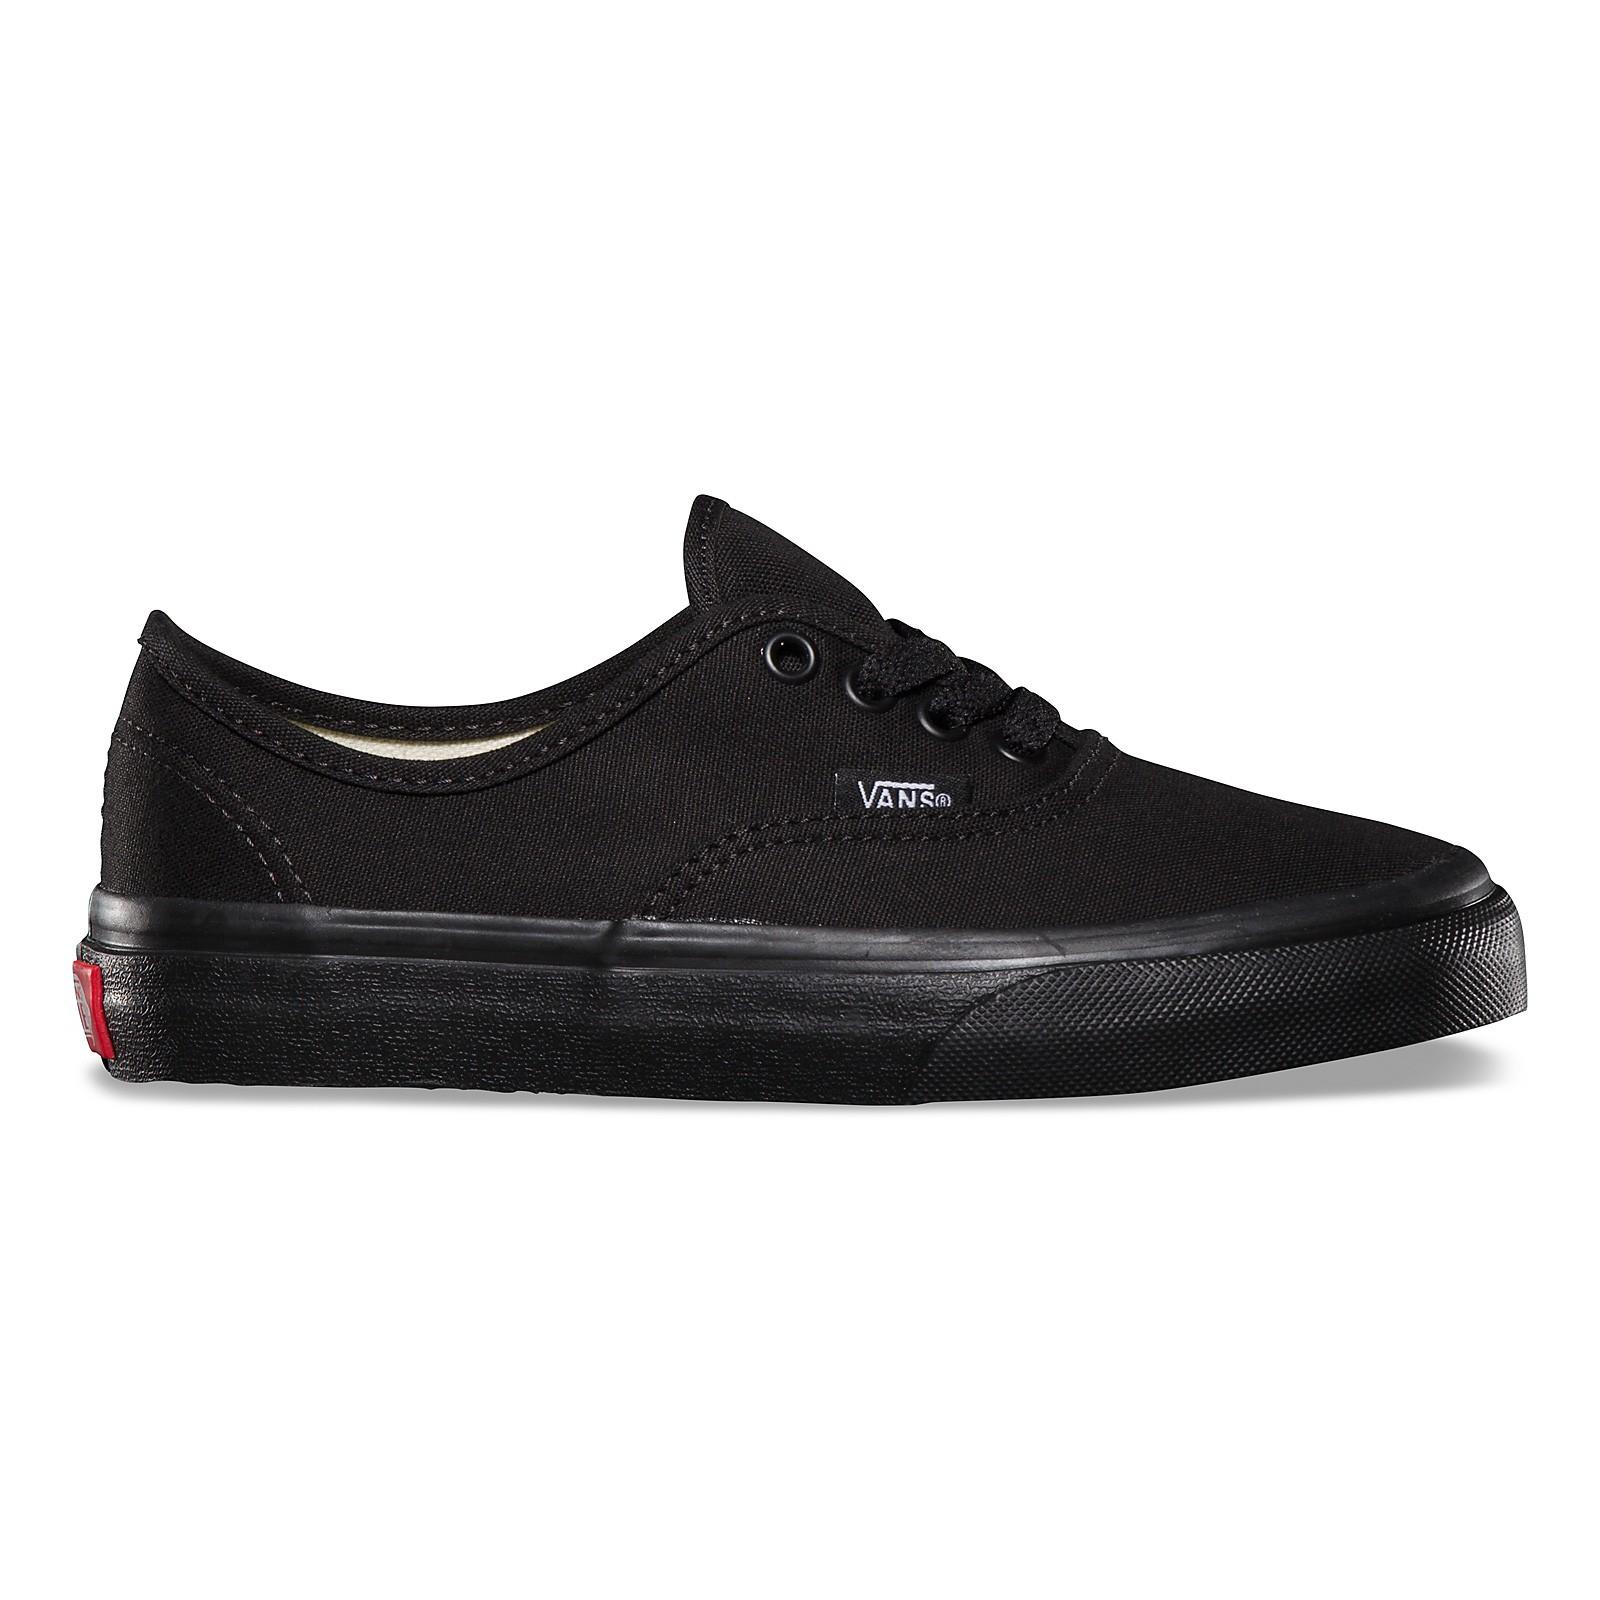 506ec93fc1b47 n Vans Kids AUTHENTIC Black/Black | Footshop